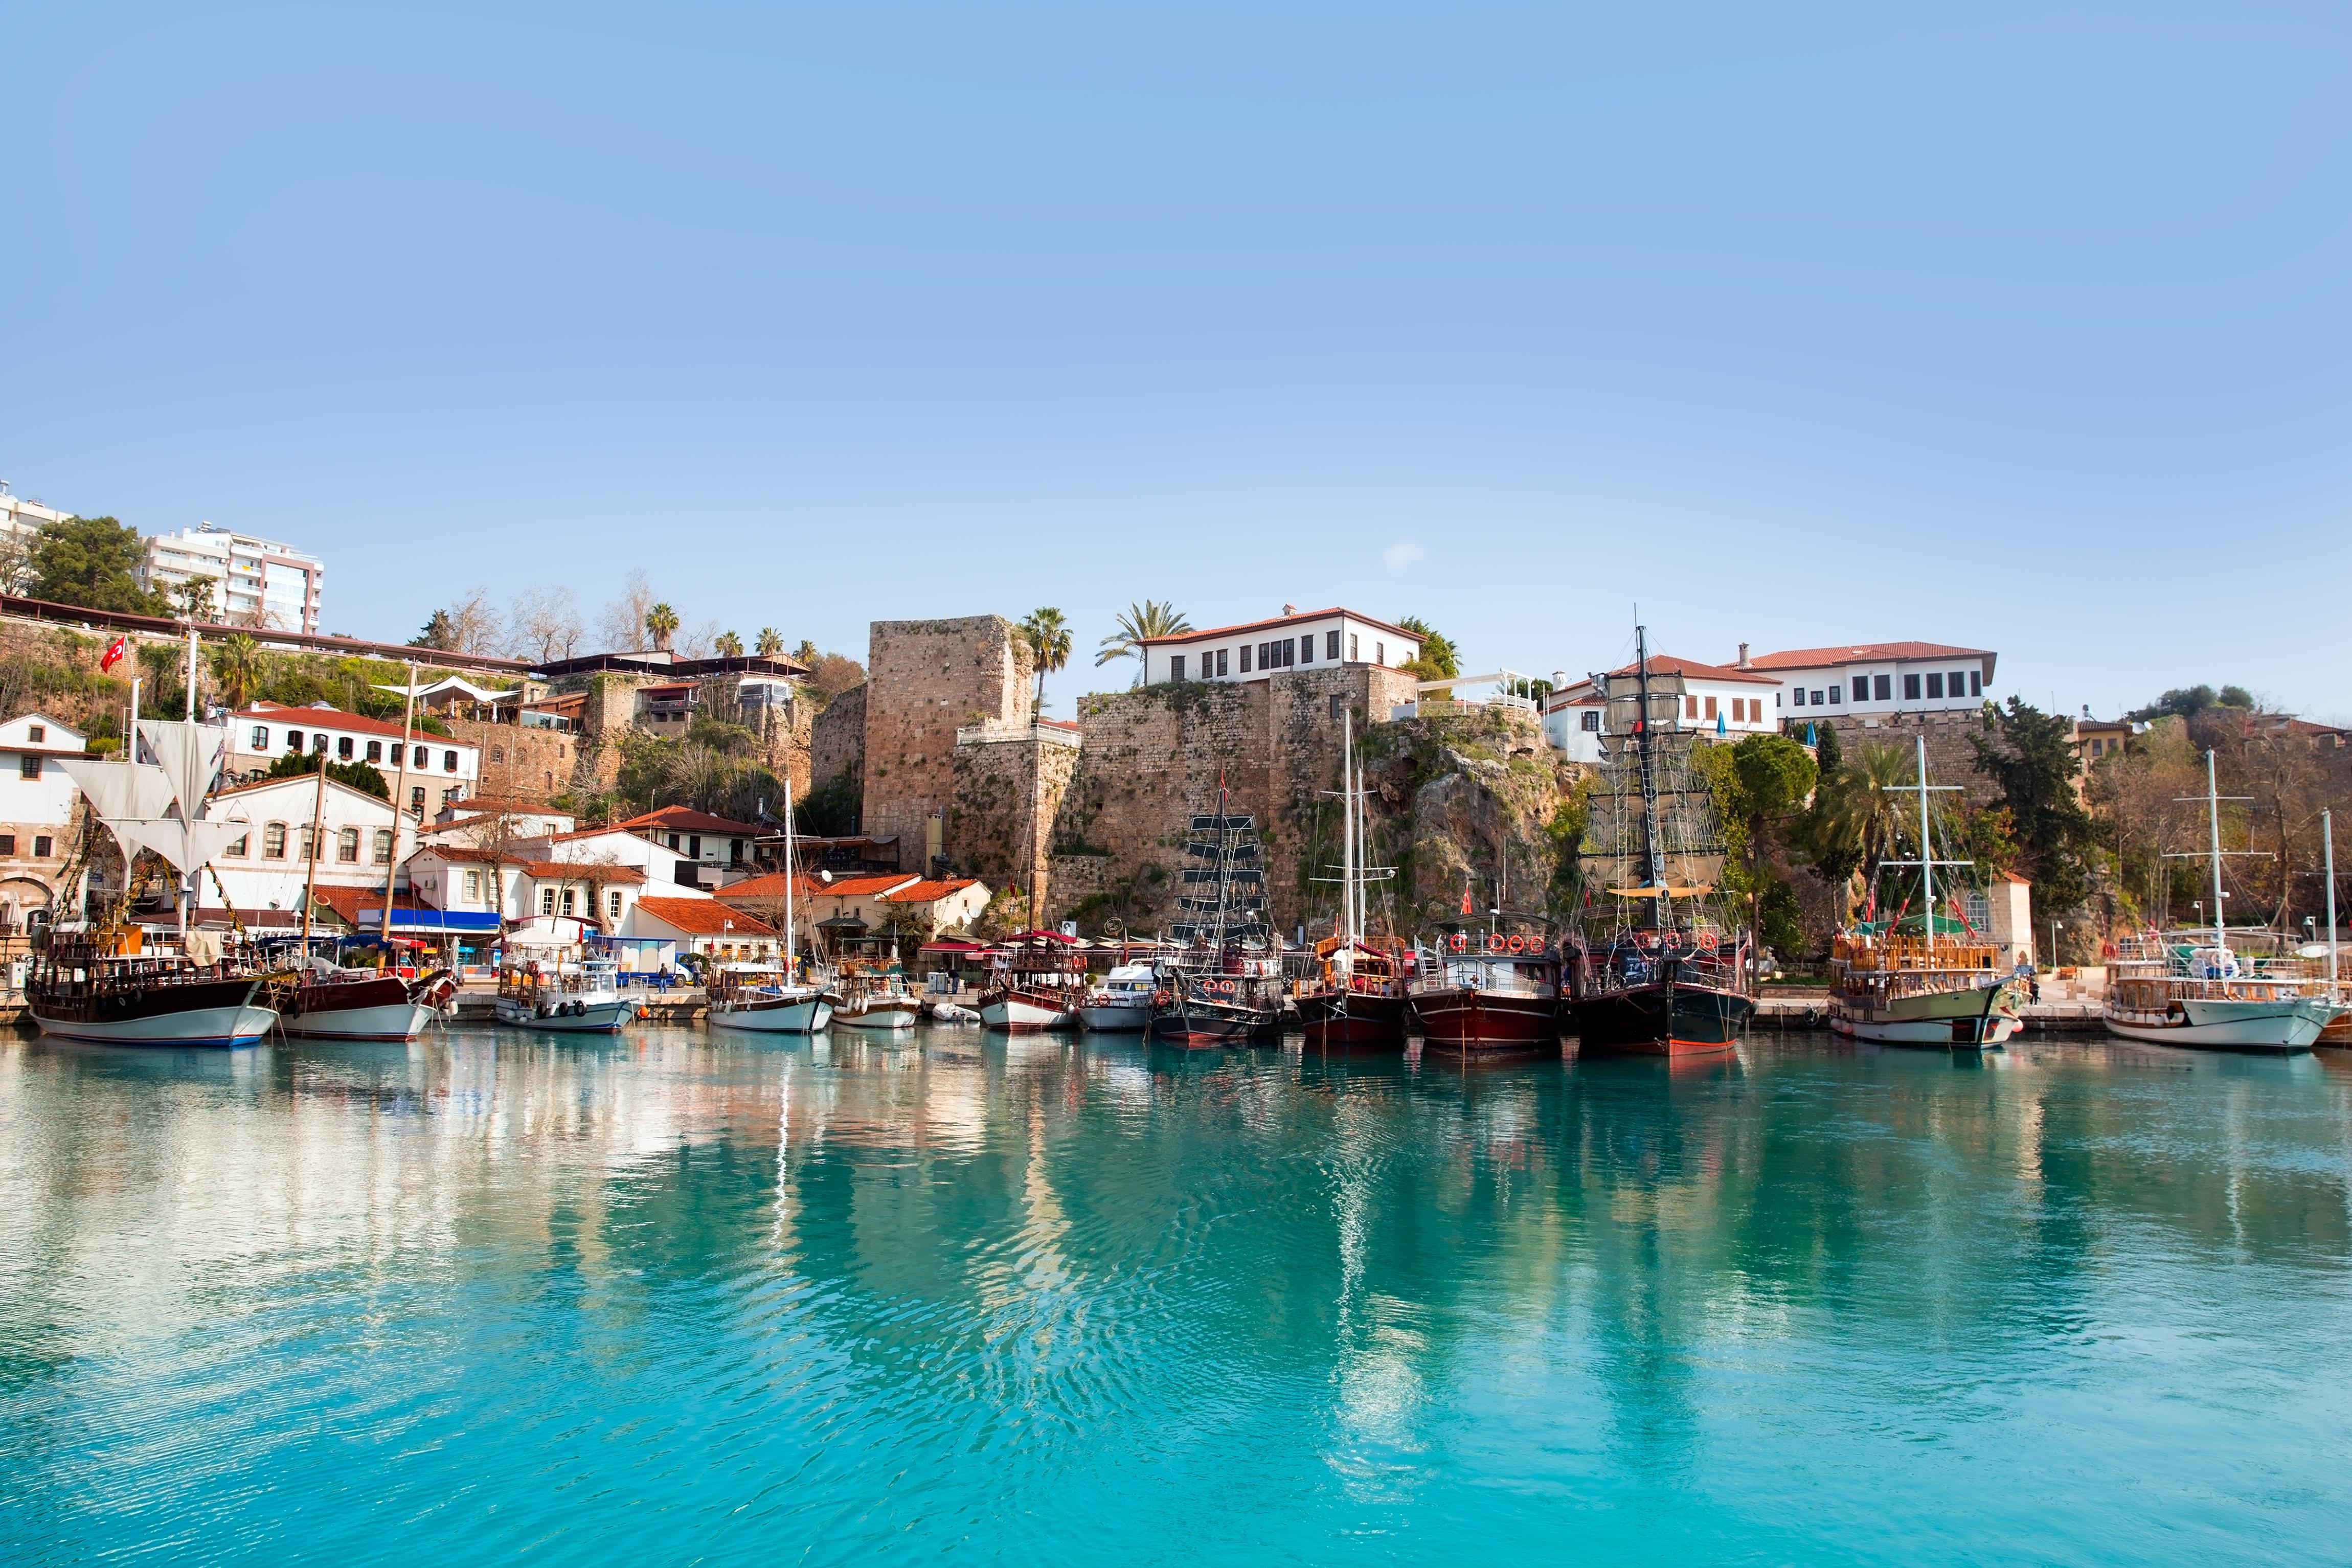 türkische riviera - tipps für einen tollen trip | urlaubsguru.de, Einladung